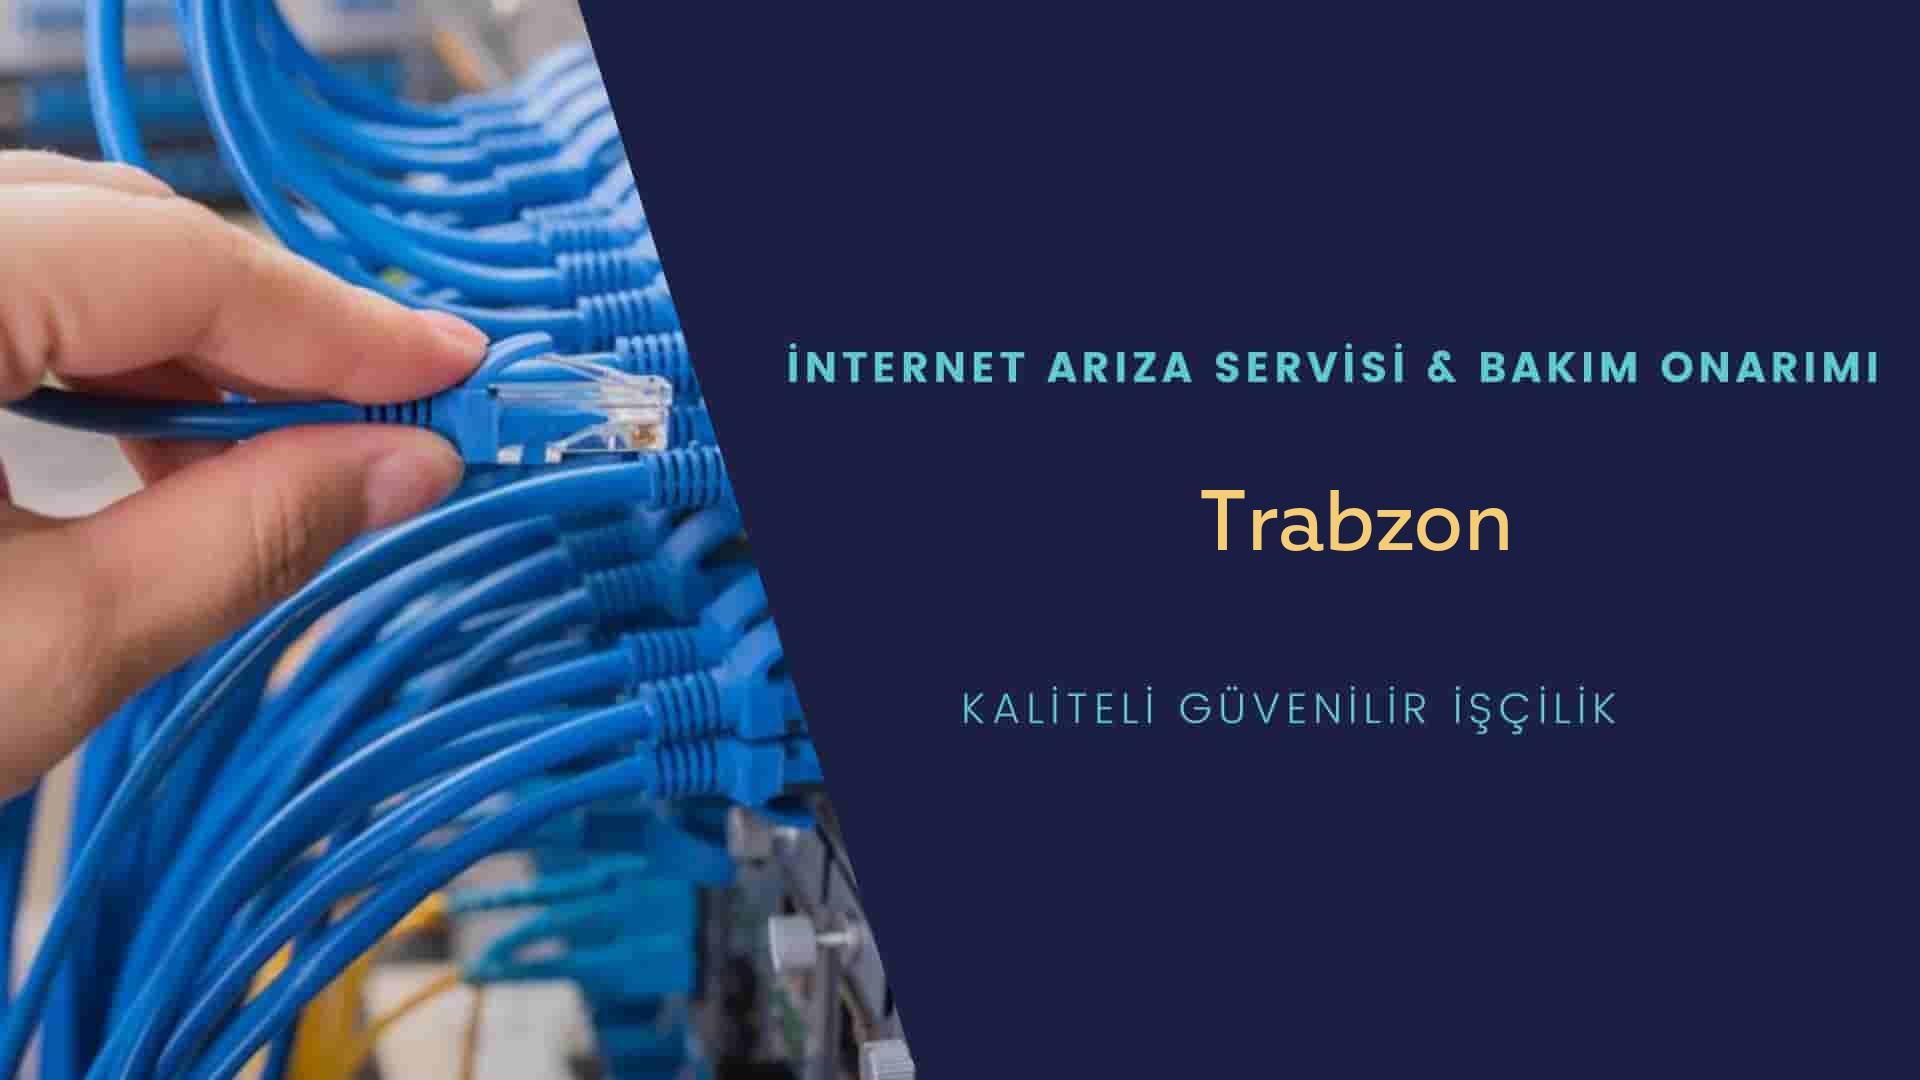 Trabzon internet kablosu çekimi yapan yerler veya elektrikçiler mi? arıyorsunuz doğru yerdesiniz o zaman sizlere 7/24 yardımcı olacak profesyonel ustalarımız bir telefon kadar yakındır size.